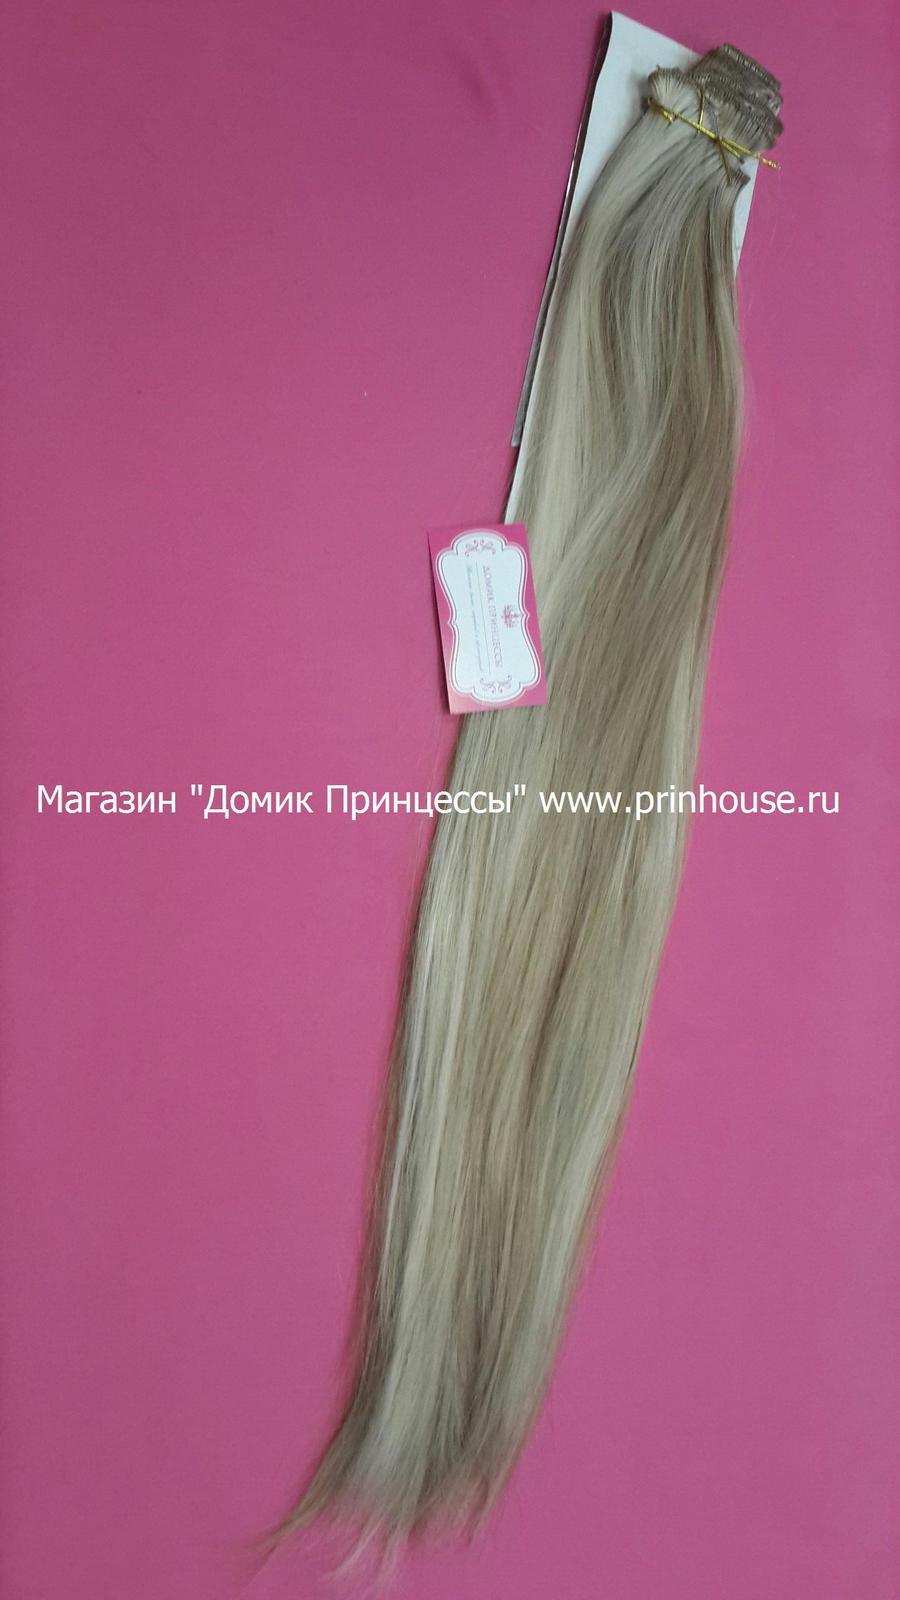 Волосы на заколках искусственные мелированные волосы